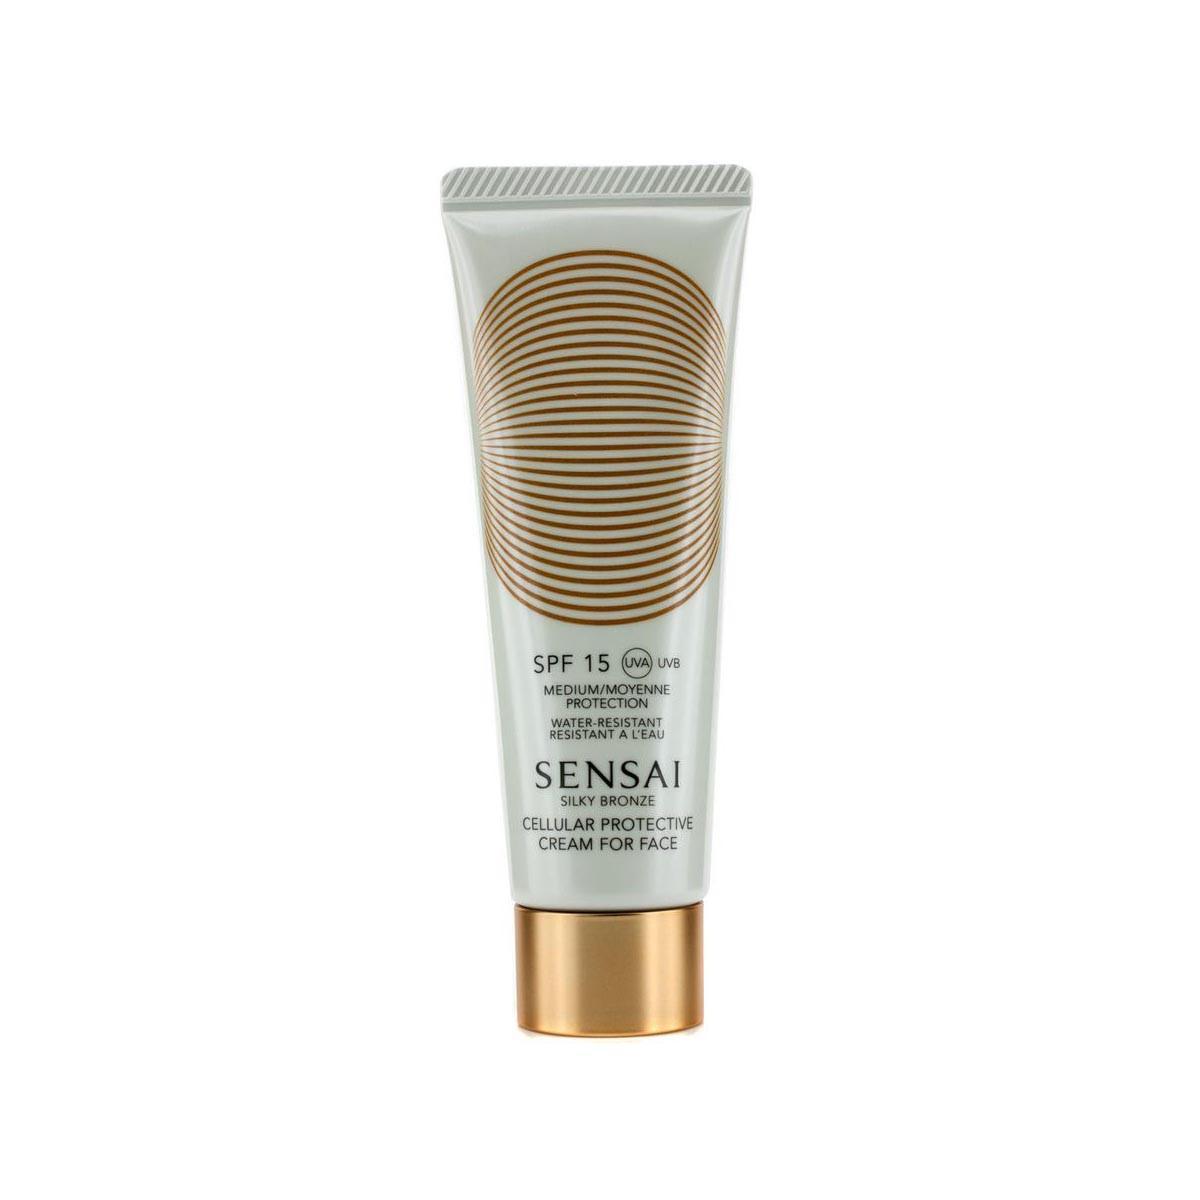 Kanebo-fragrances Sensai Silky Bronze Crema Rostro Spf15 50ml